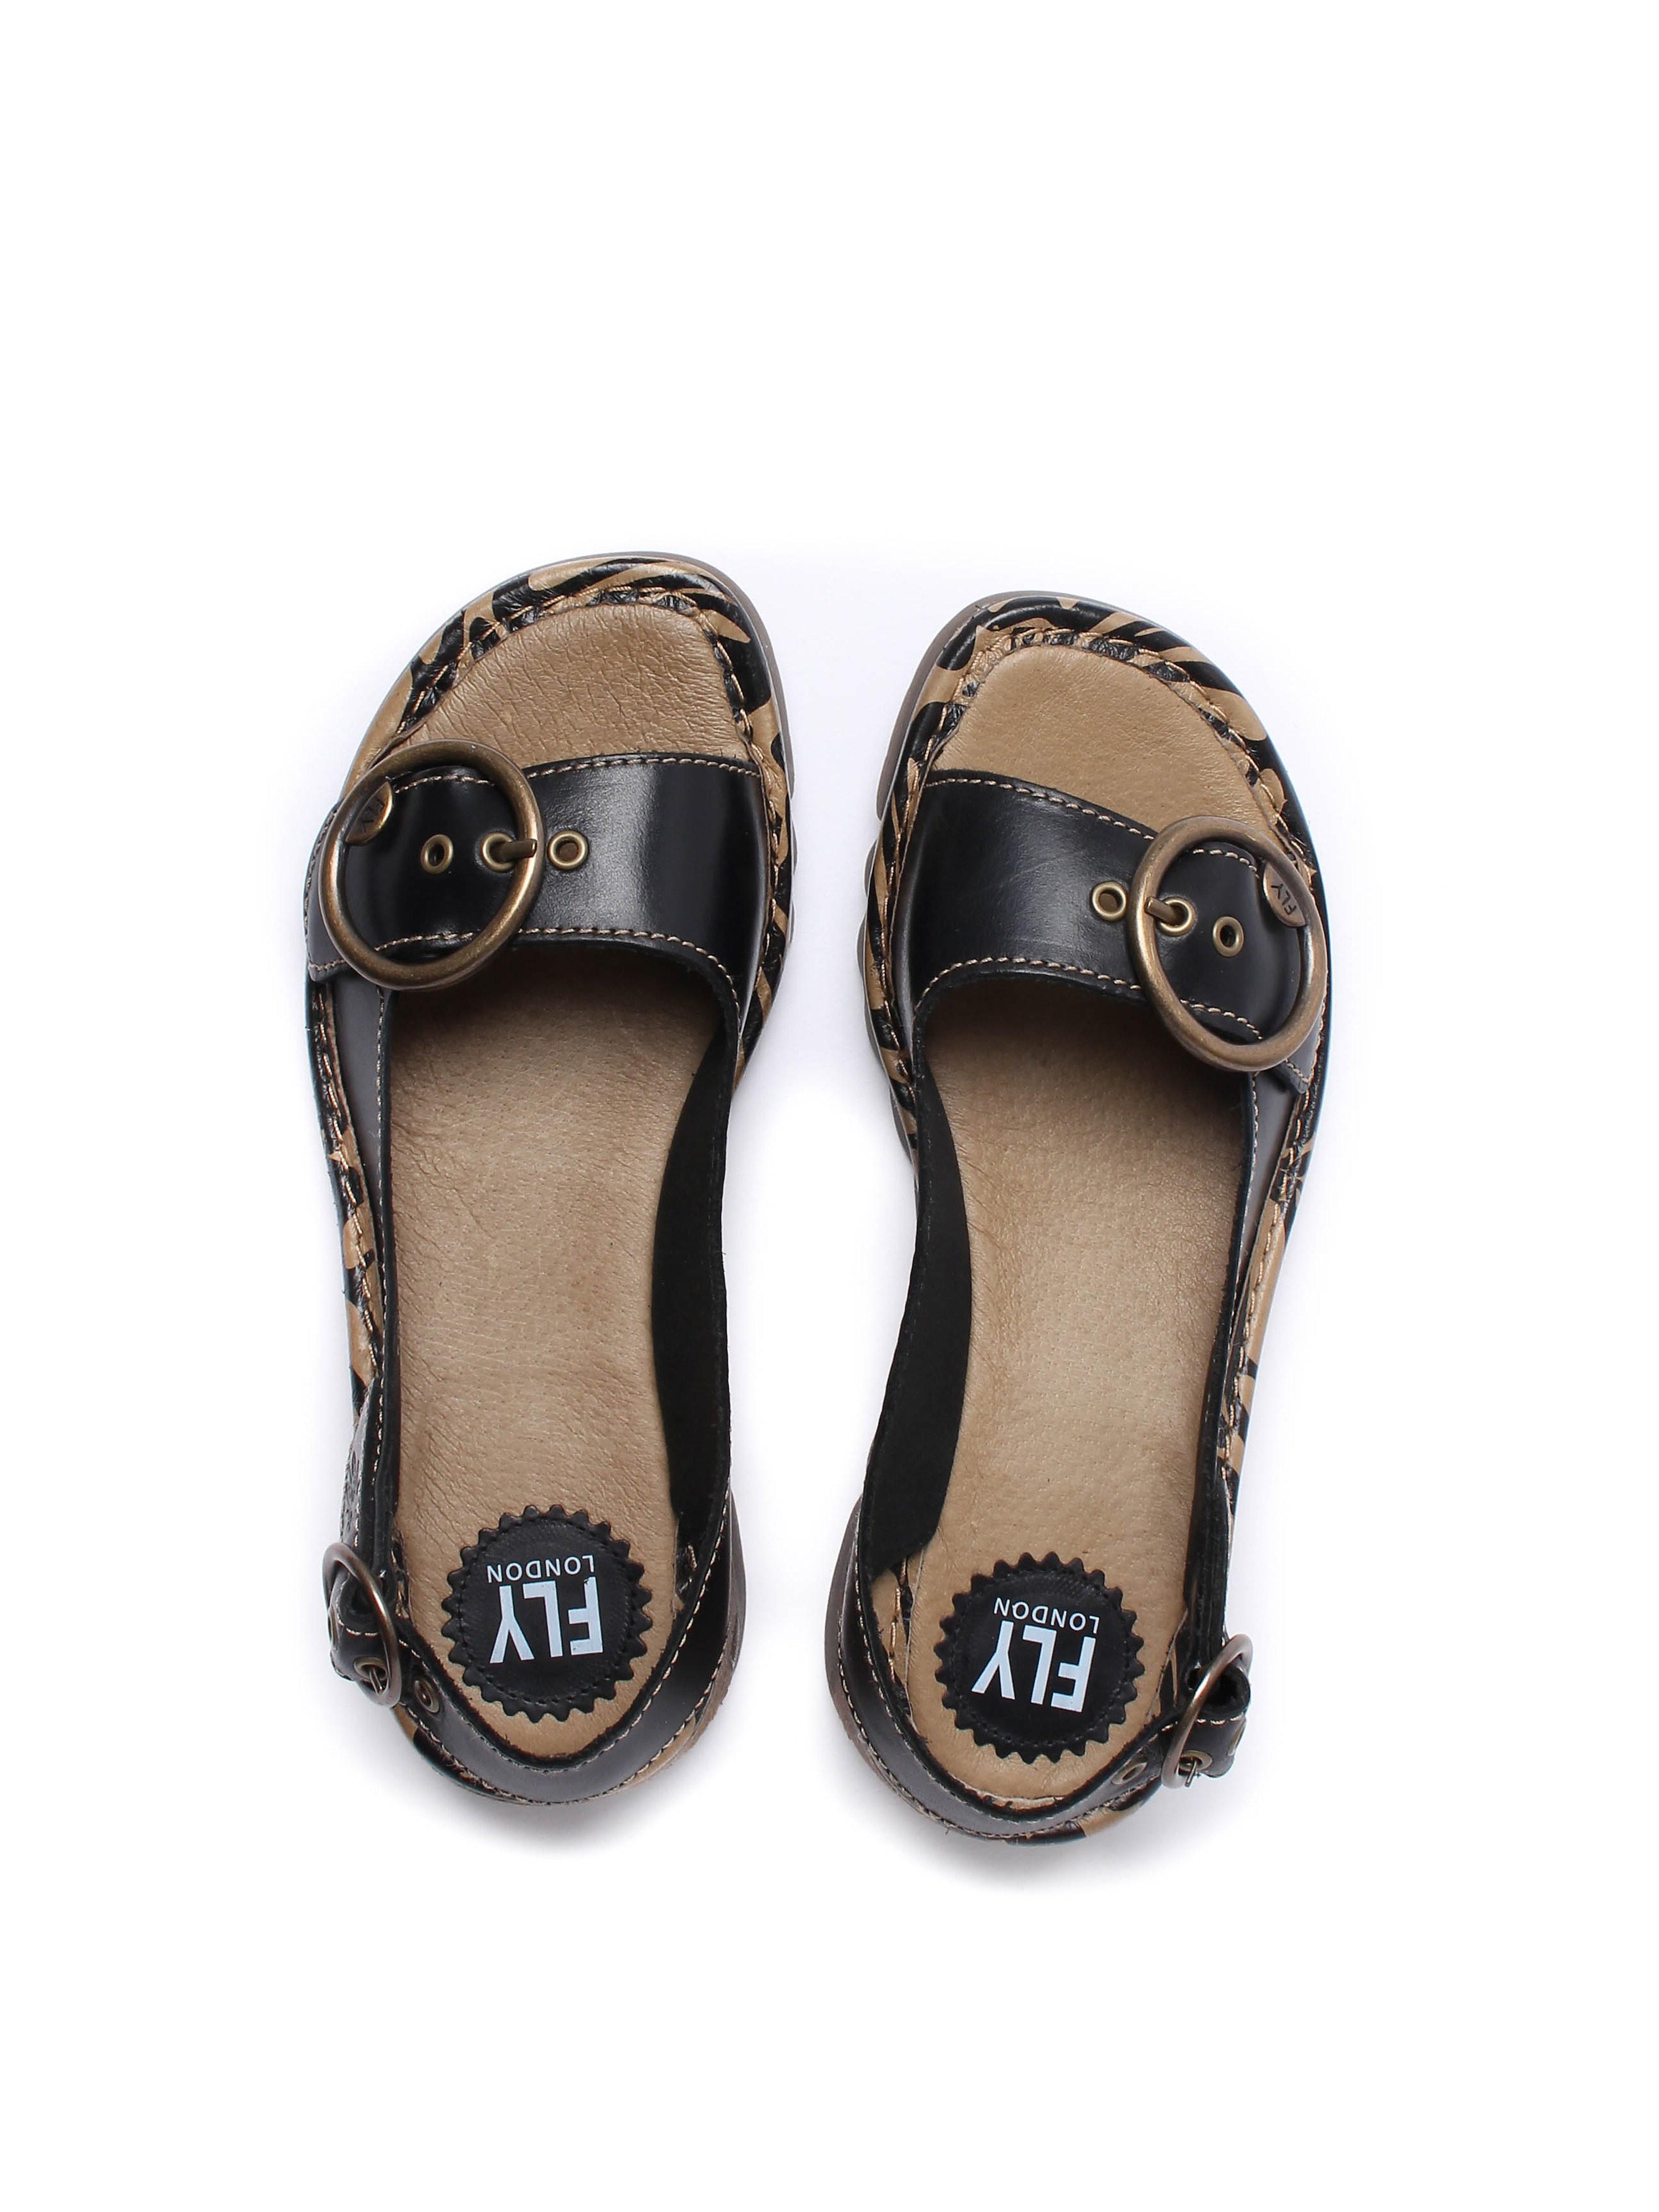 Fly London Women's Tram Brooklyn Leather Slingback Sandals - Black